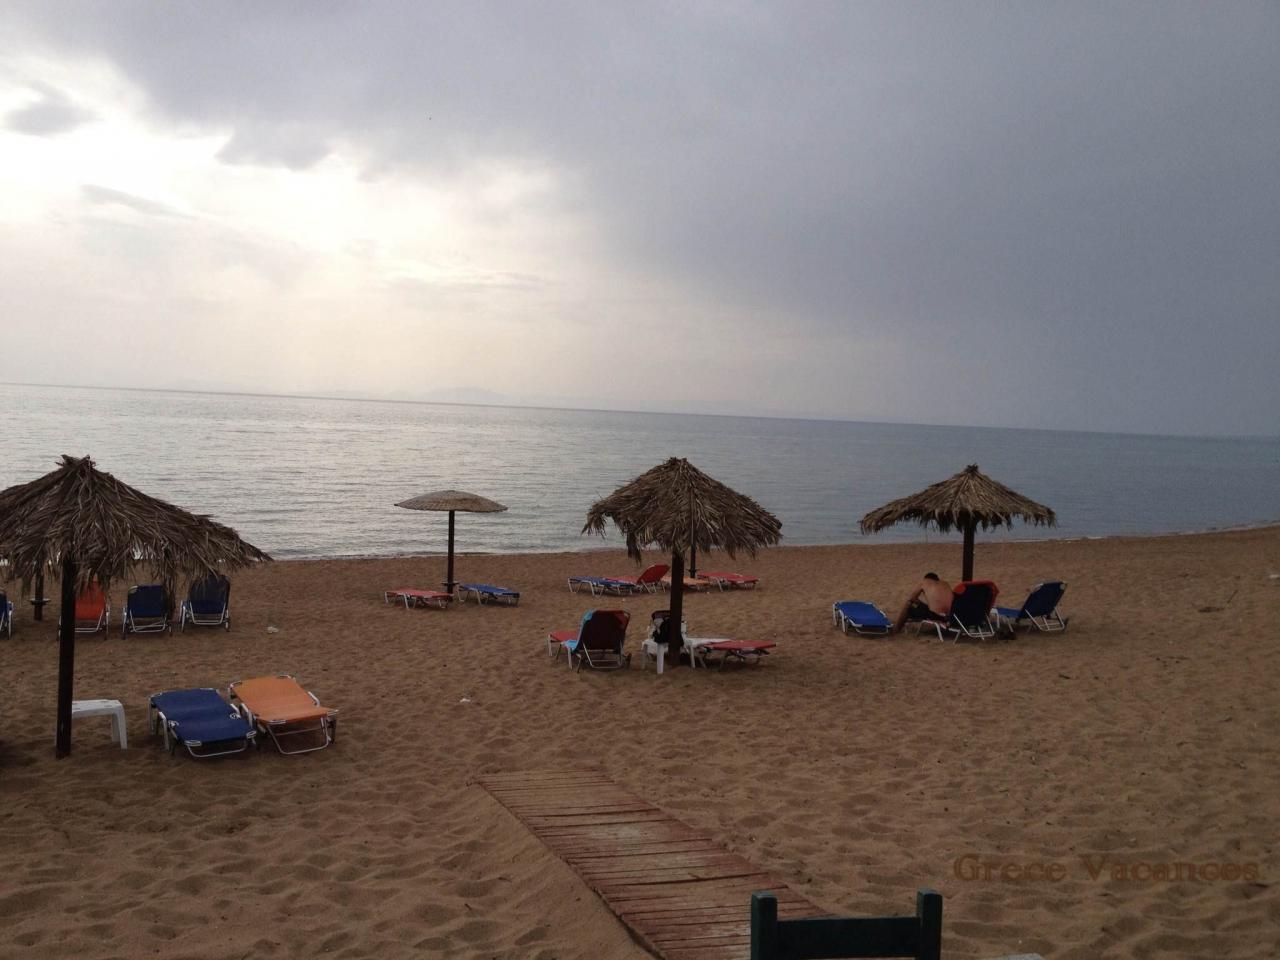 Kourouta plage 09-GV